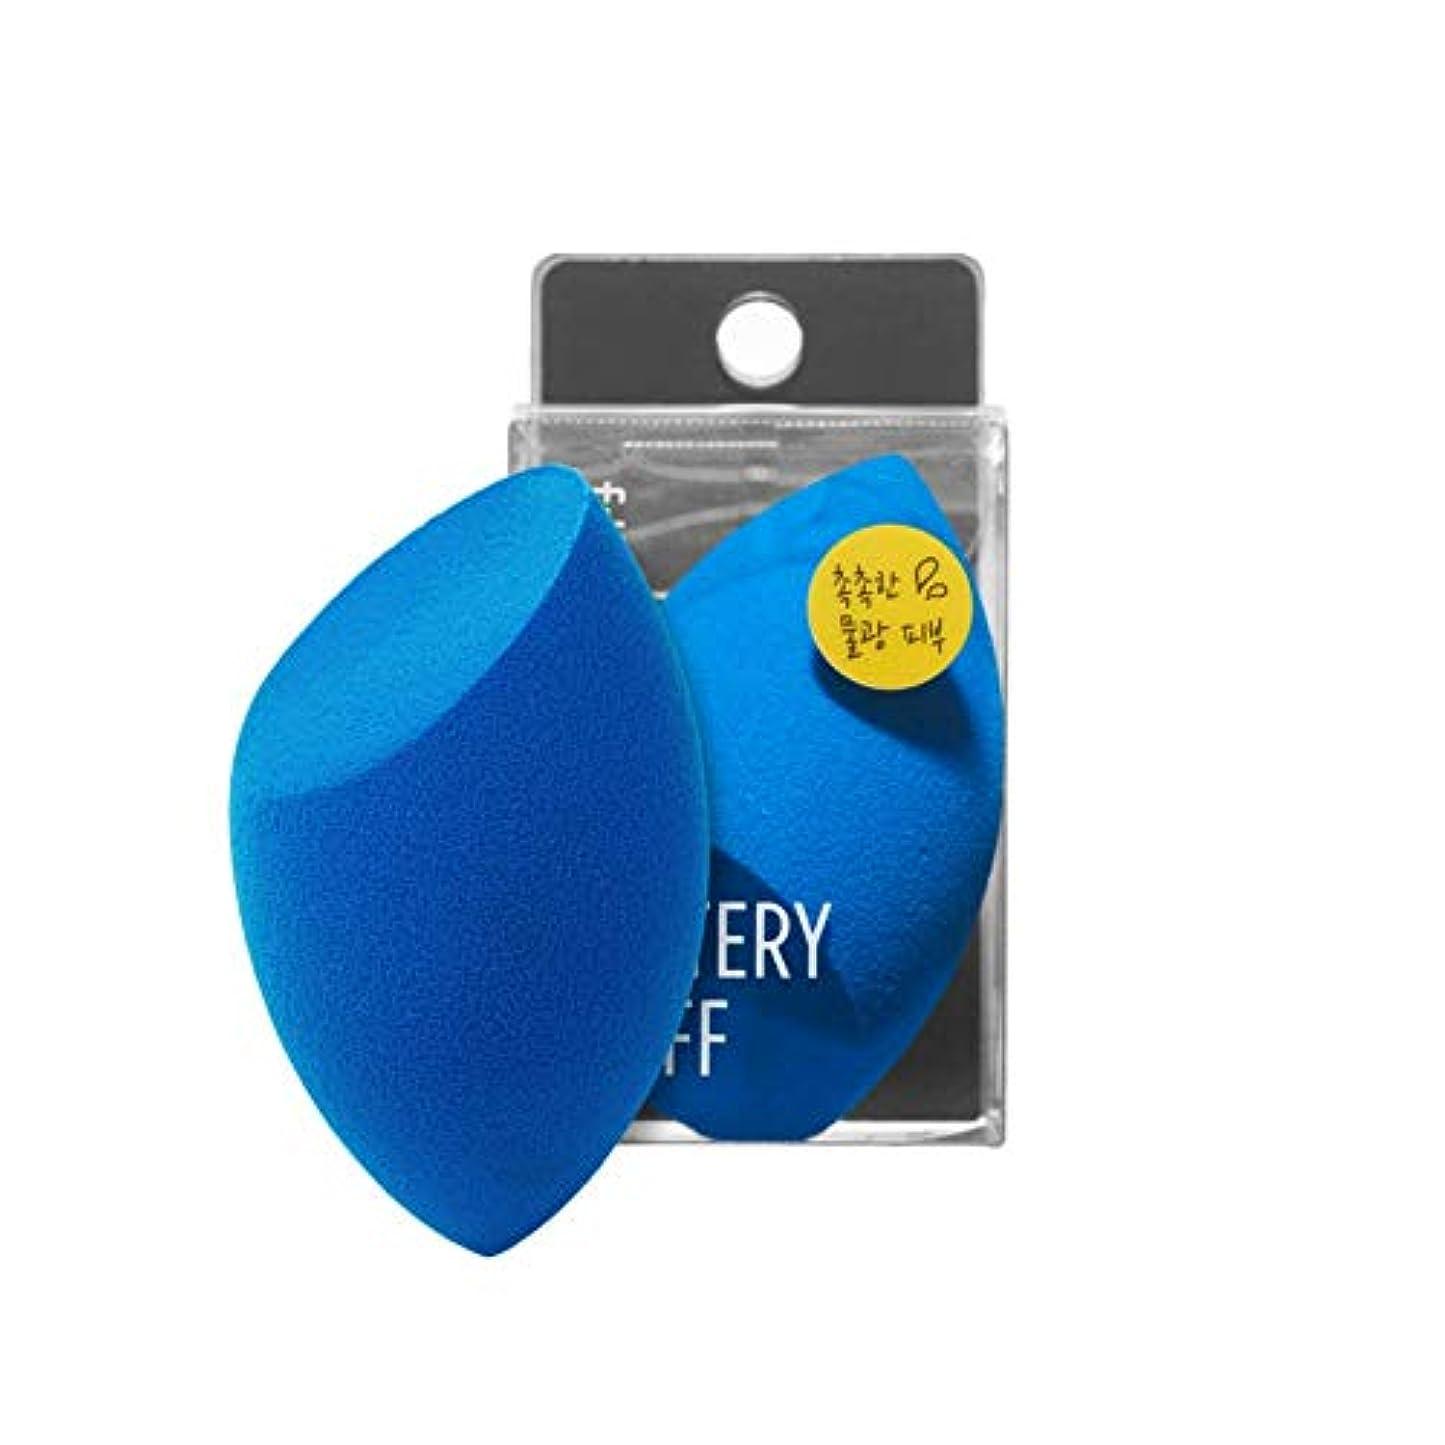 ガム啓発するメンタルfillimilli Make-up Sponge Watery Puff しっとりパフ (チョクチョクパフ) 1個 (Olive Young) [並行輸入品]